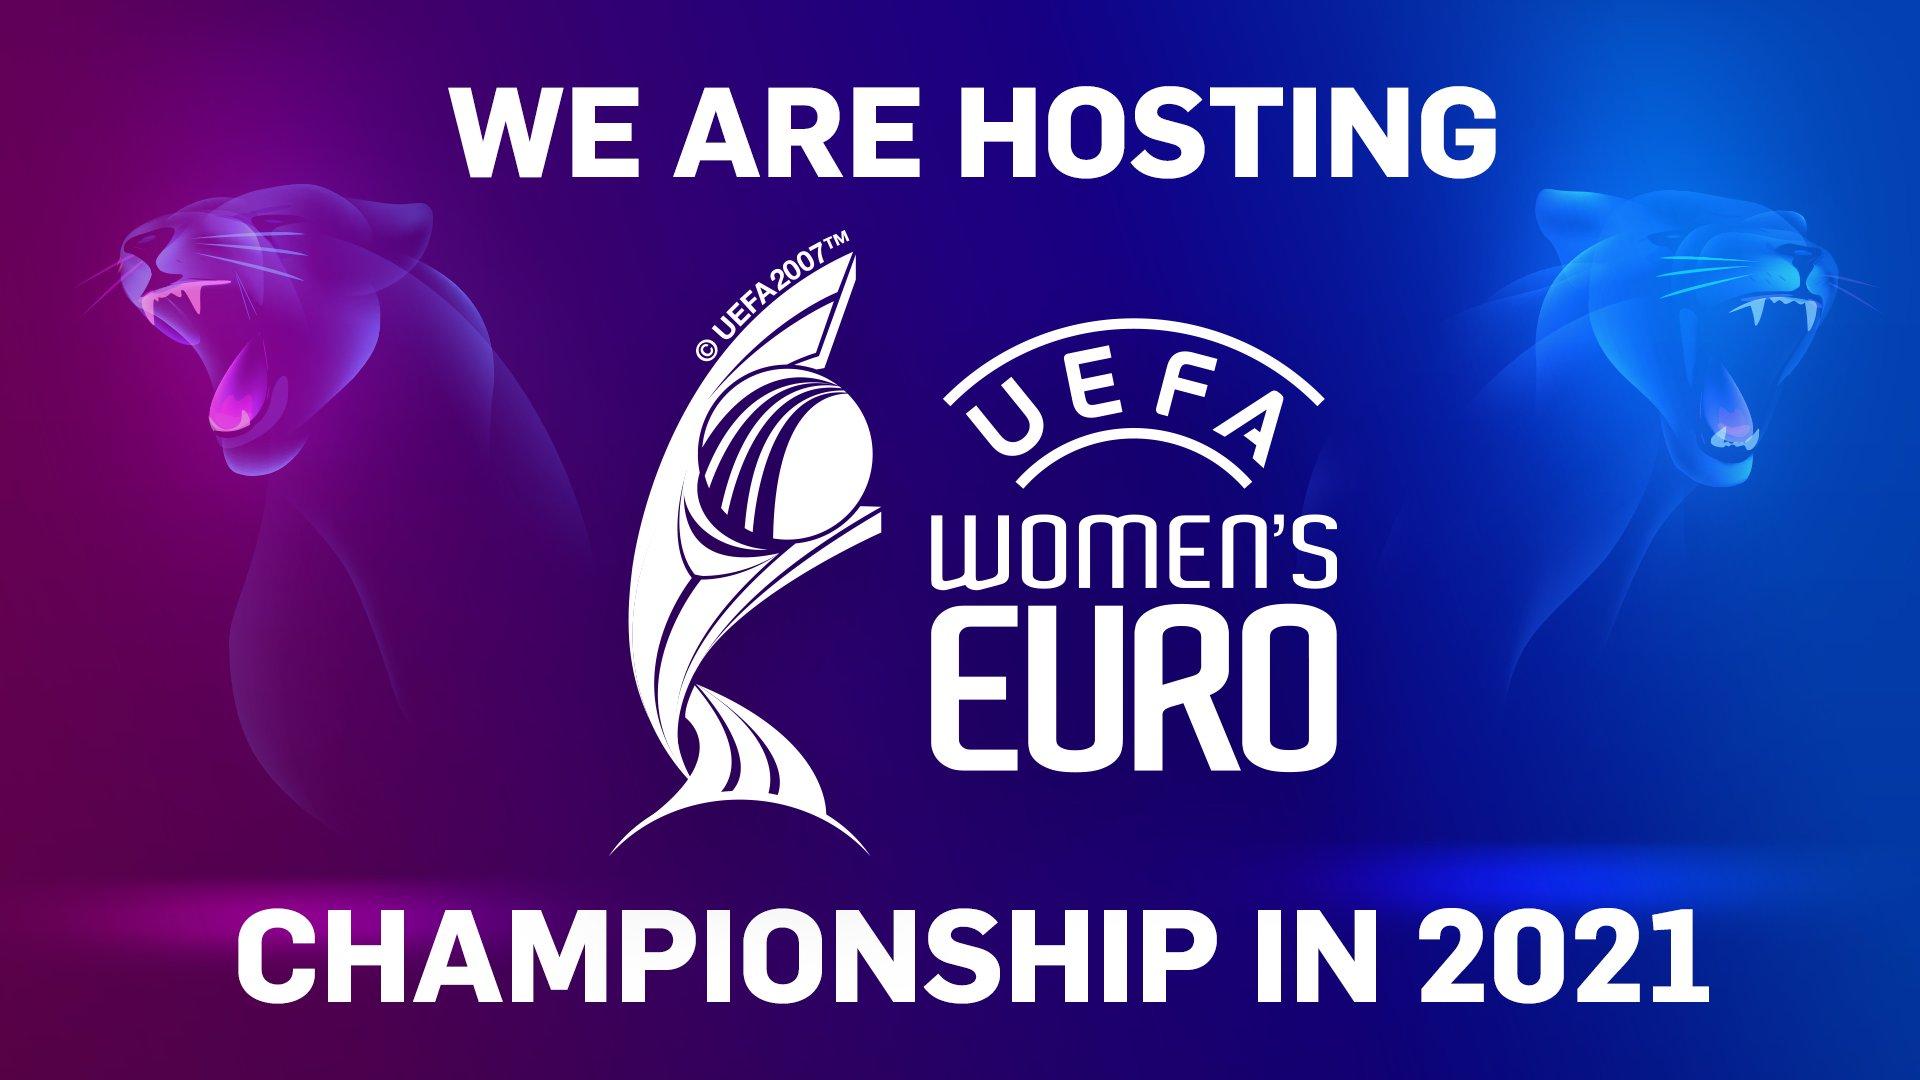 UEFA EURO 2021 - L'ANGLETERRE accueillera la phase finale